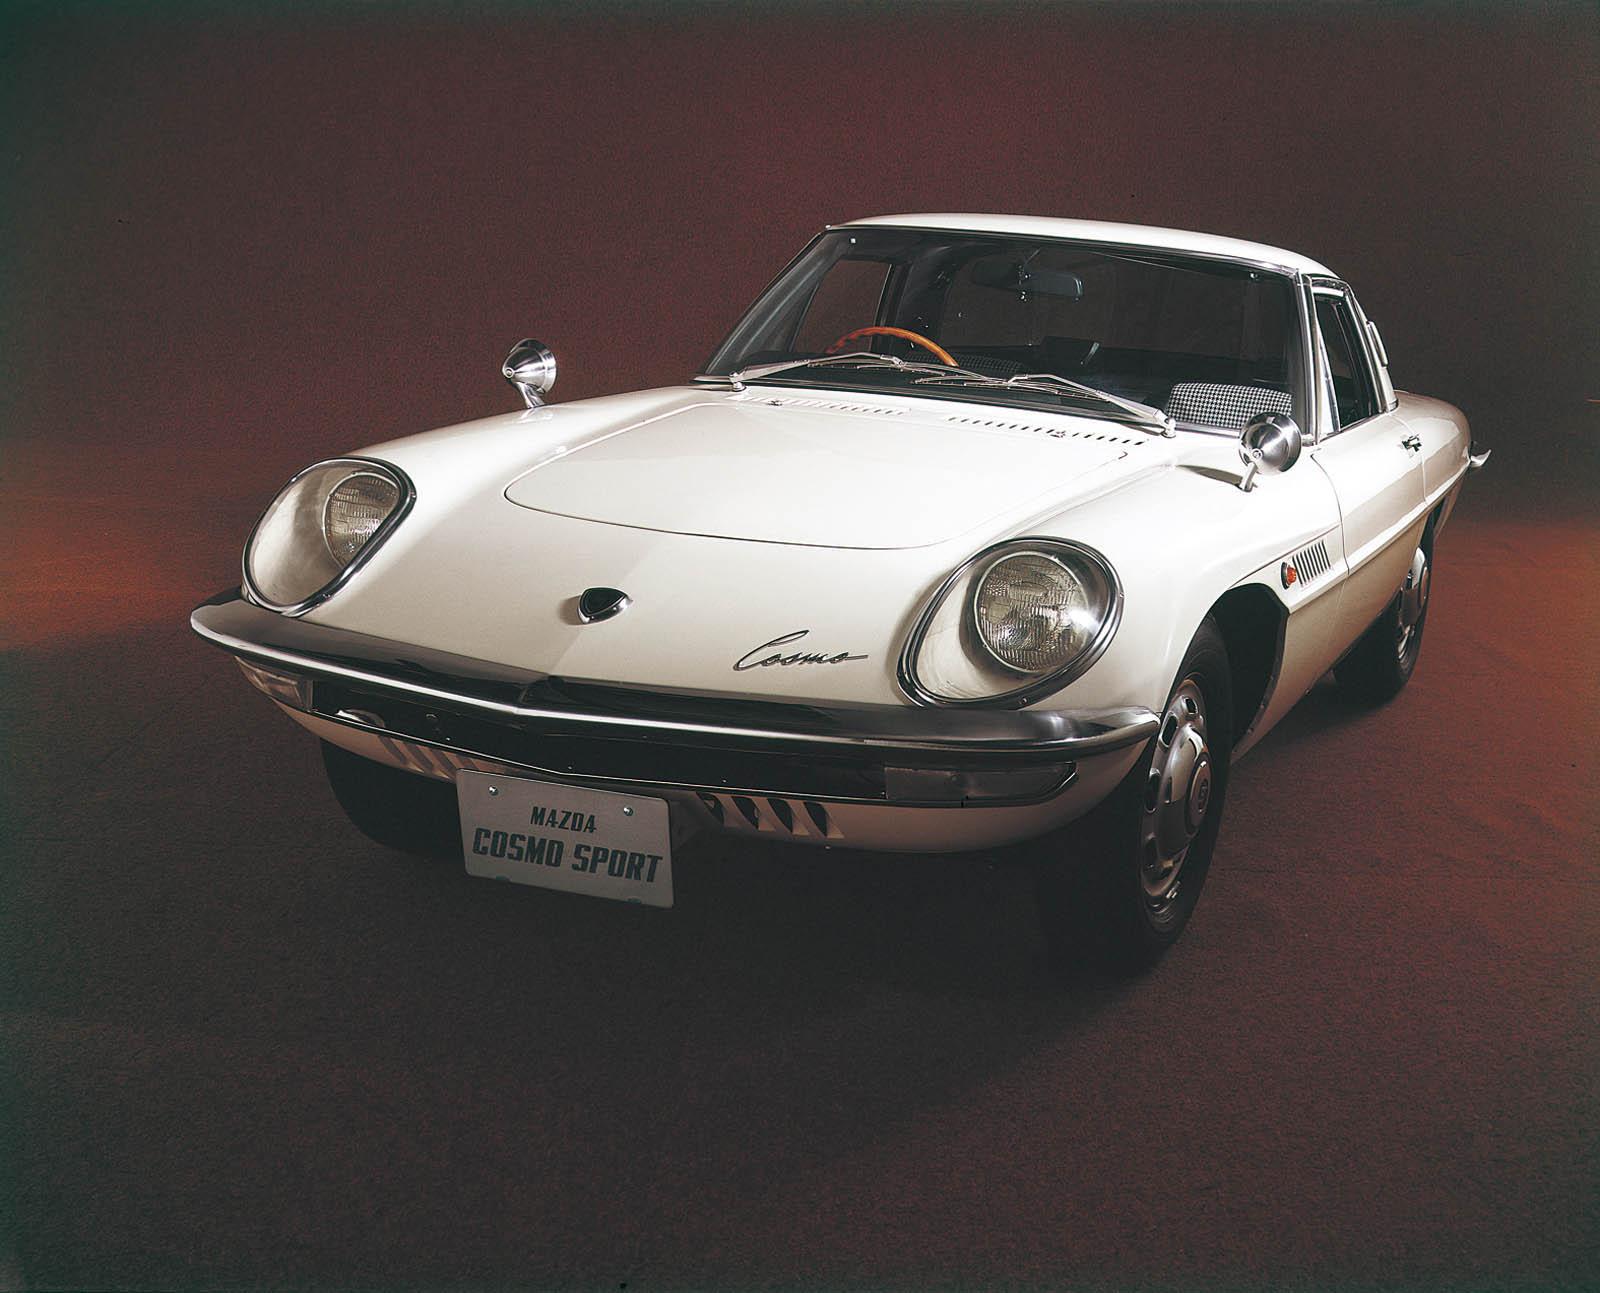 Mazda-50-years-of-rotary-p03_01